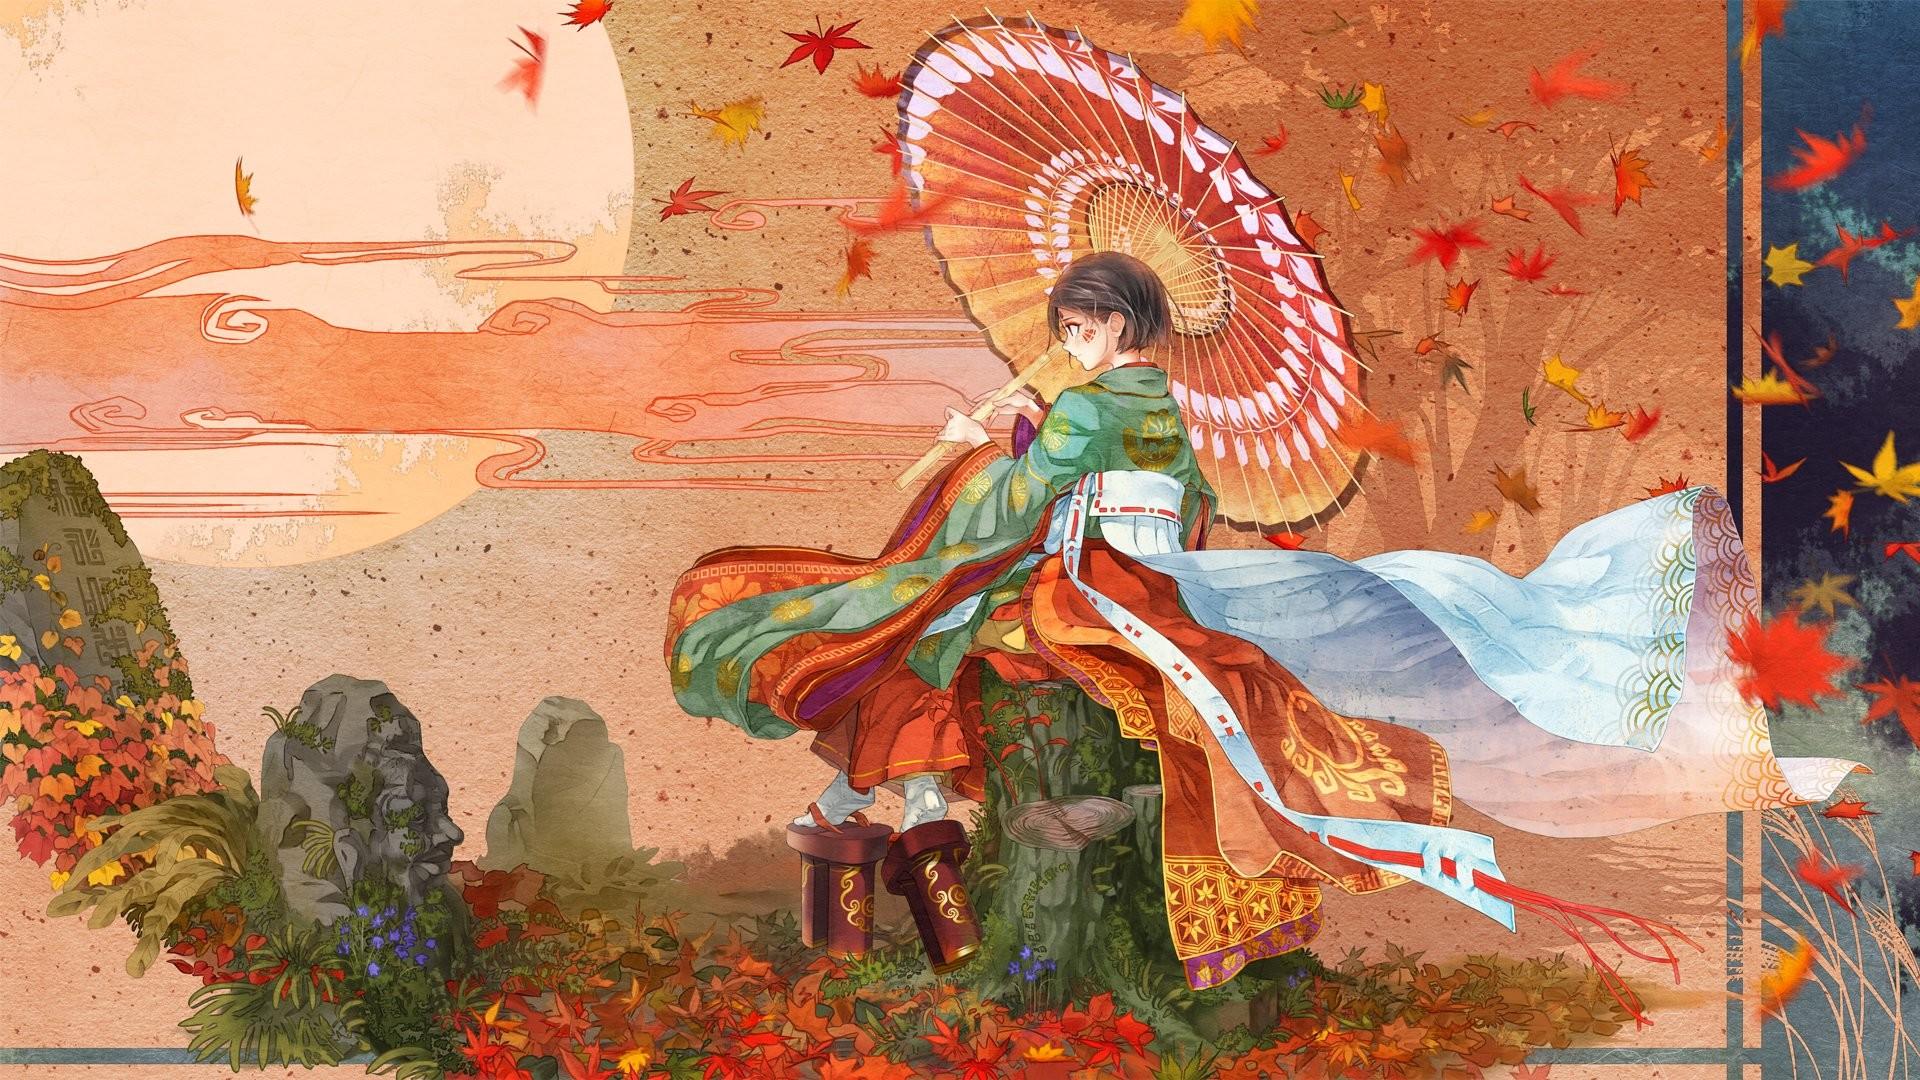 Kimono anime girl leaves red autumn umbrella beaut short hair wallpaper      863804   WallpaperUP